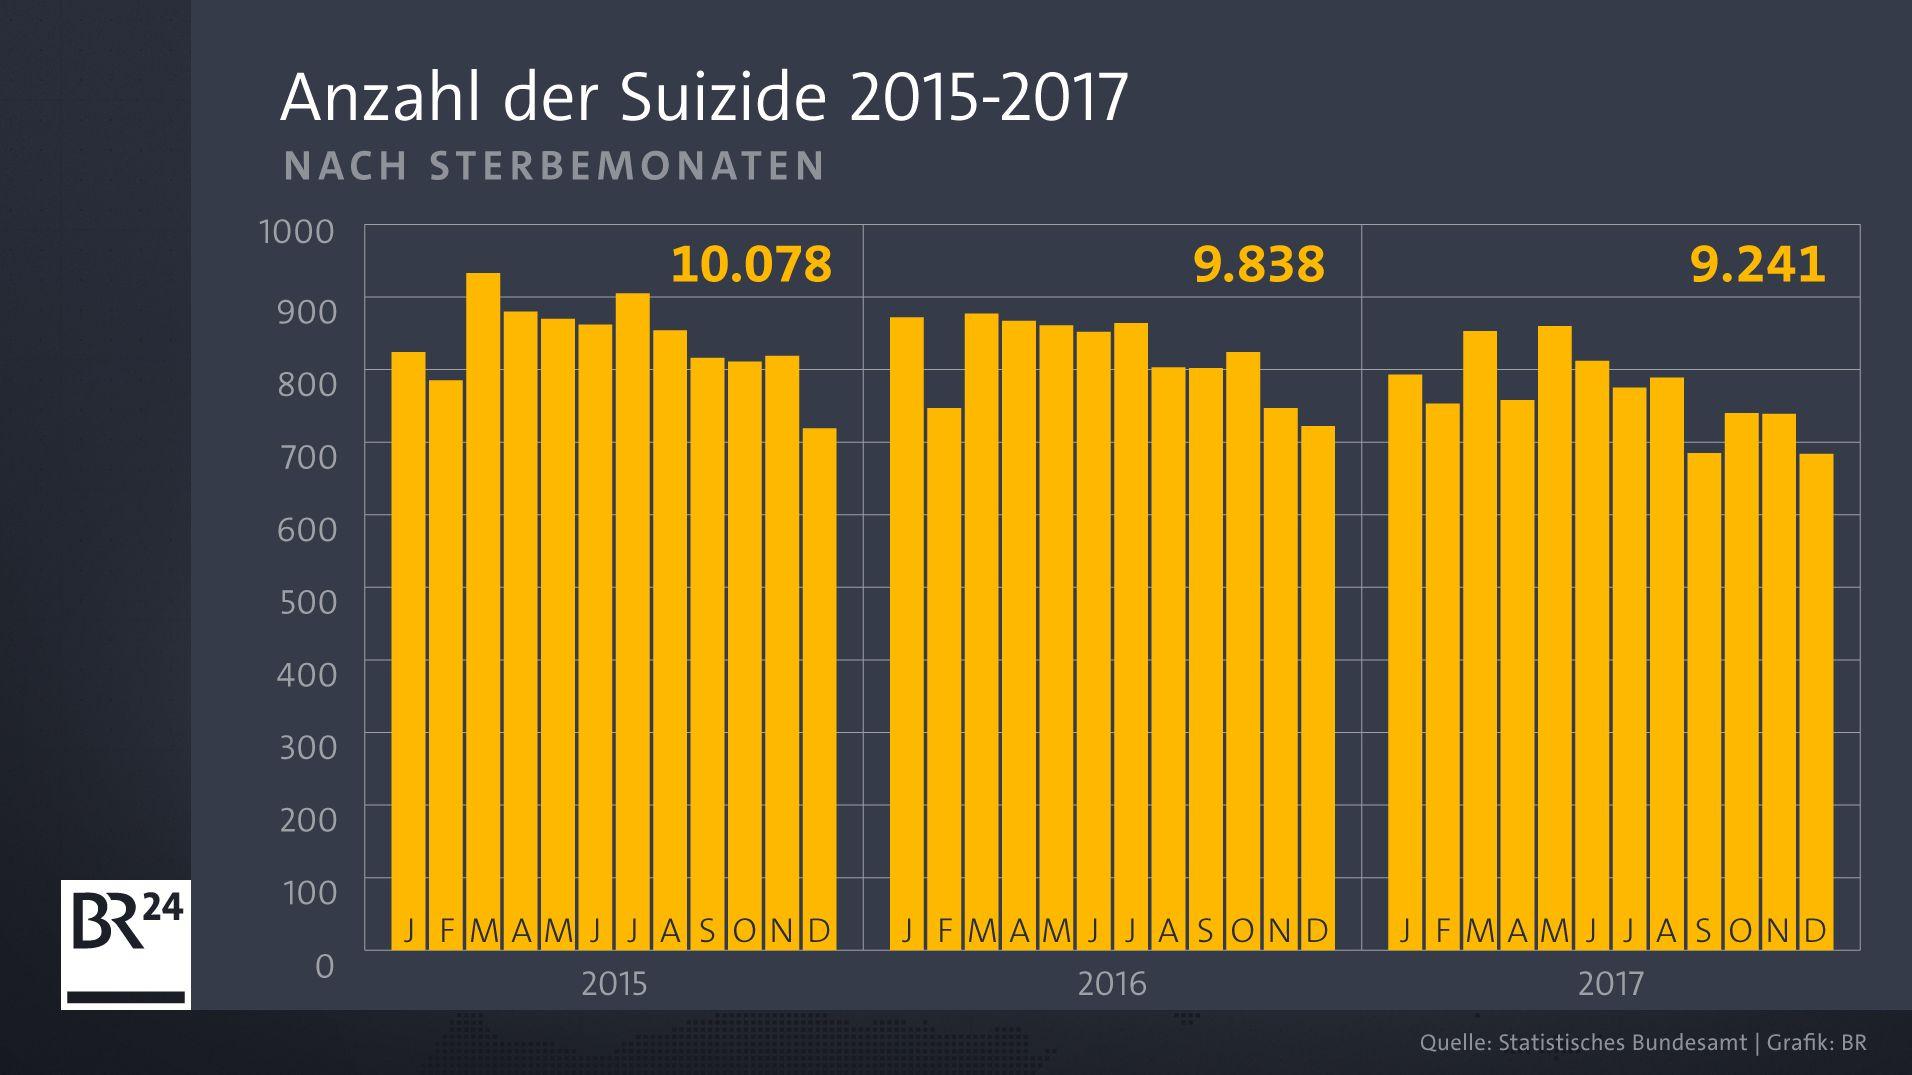 Zahl der Suizide nach Sterbemonaten 2015 bis 2017